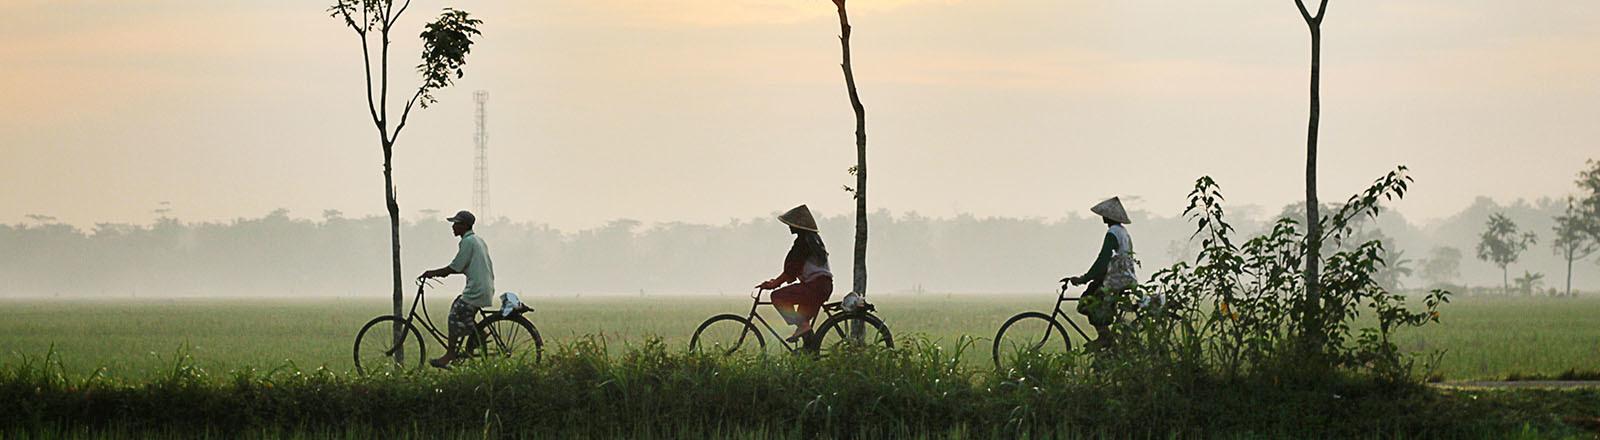 Menschen fahren Rad auf Kebumen, Indonesien.